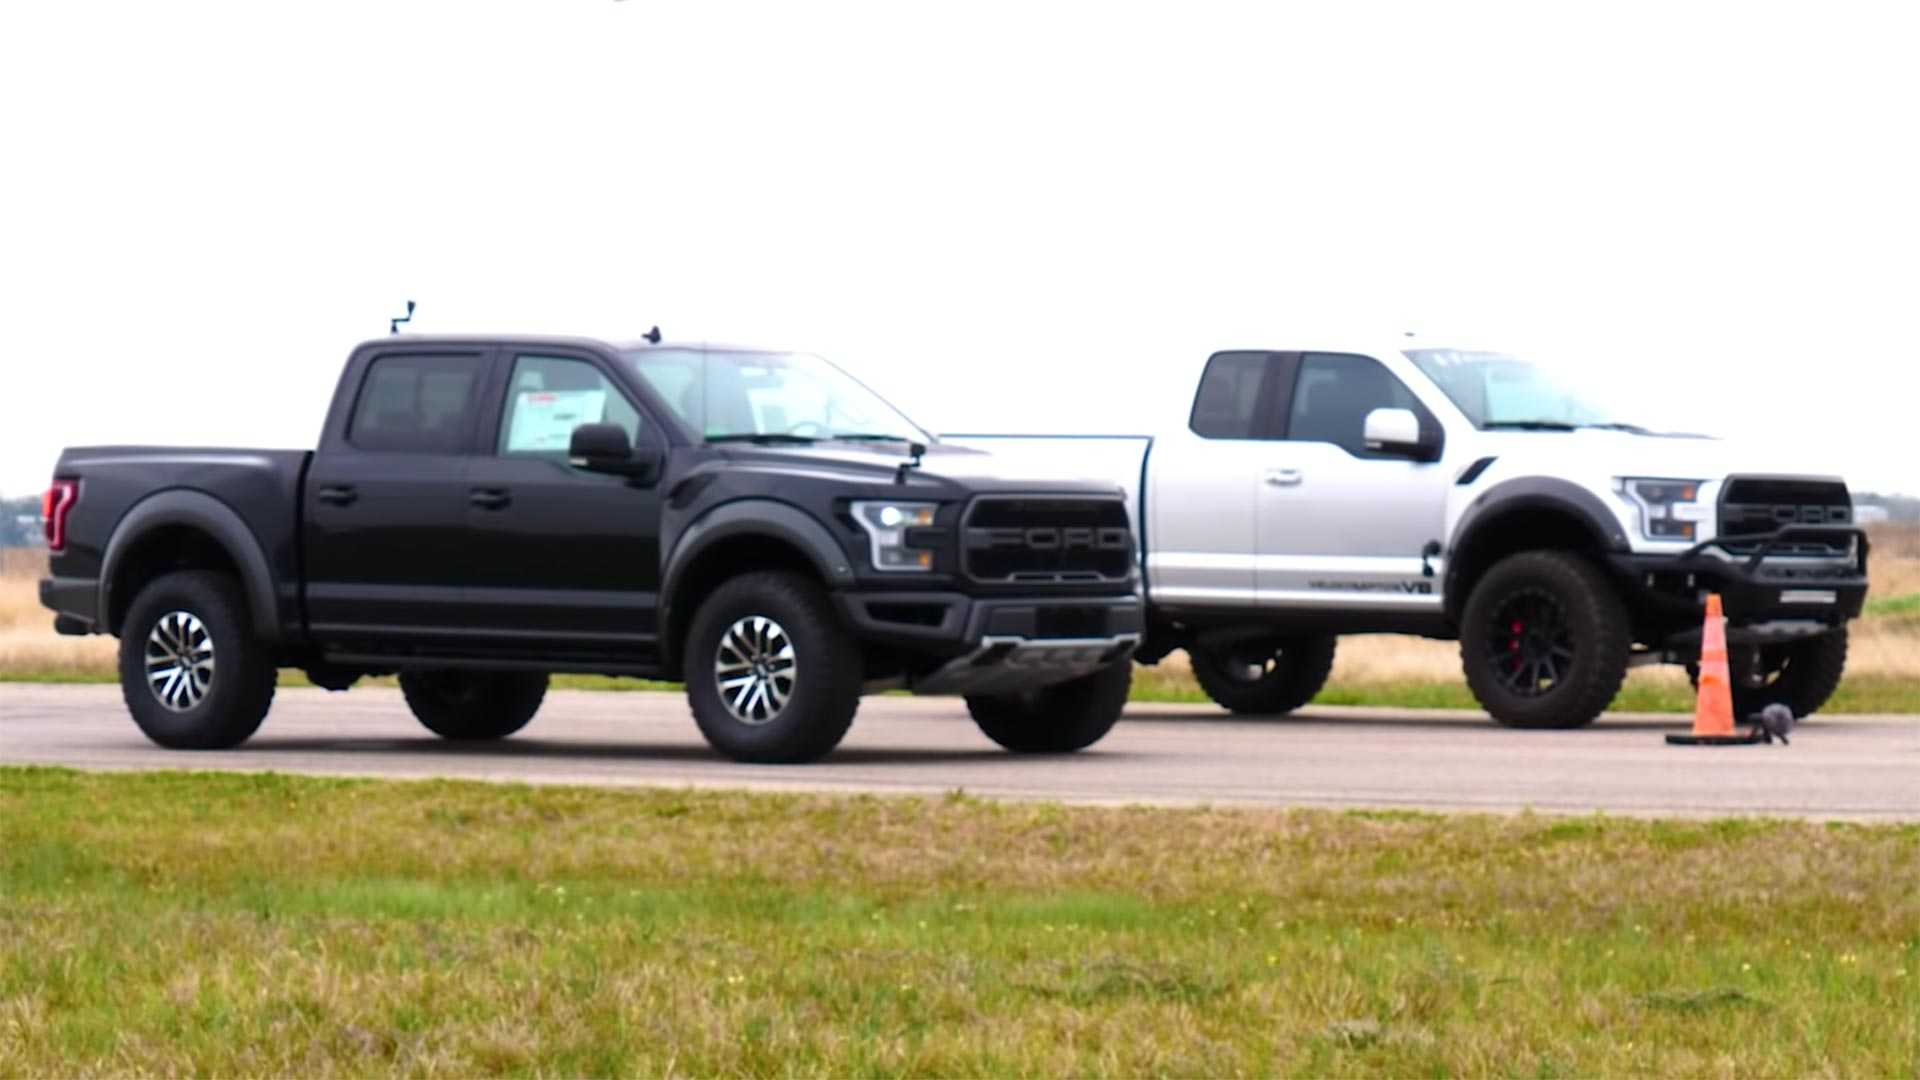 Ford Raptor 2019 модельного года по праву можно считать одним из лучших пикапов для бездорожья